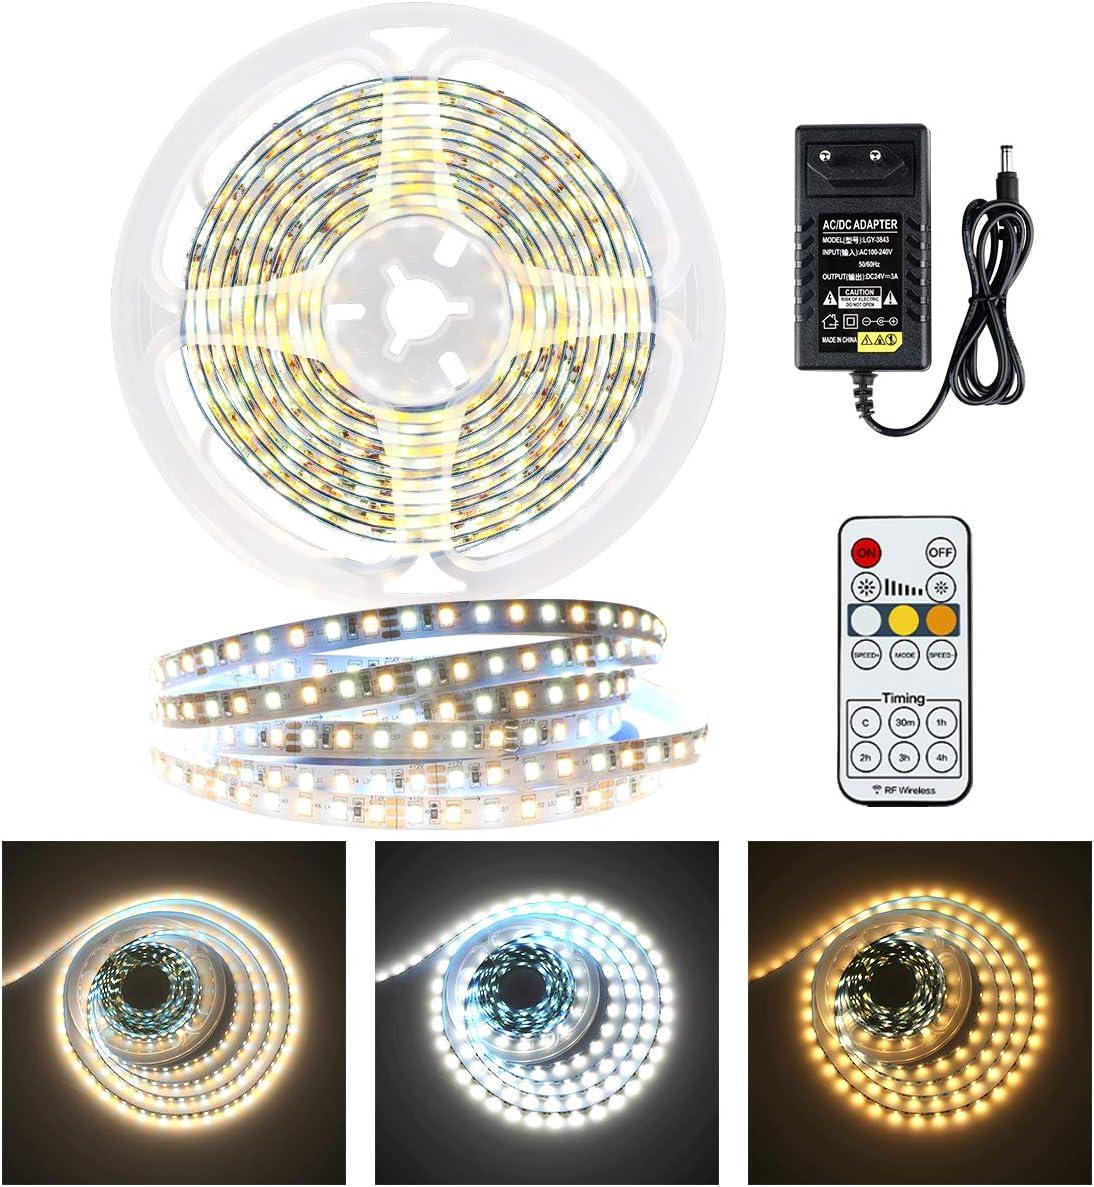 KWODE - Tira de luces LED (6 m, regulable, luz blanca cálida, neutra, luz blanca fría, con mando a distancia y fuente de alimentación, 24 V, para techo, cocina, dormitorio (3000 K/4500 K/6000 K)